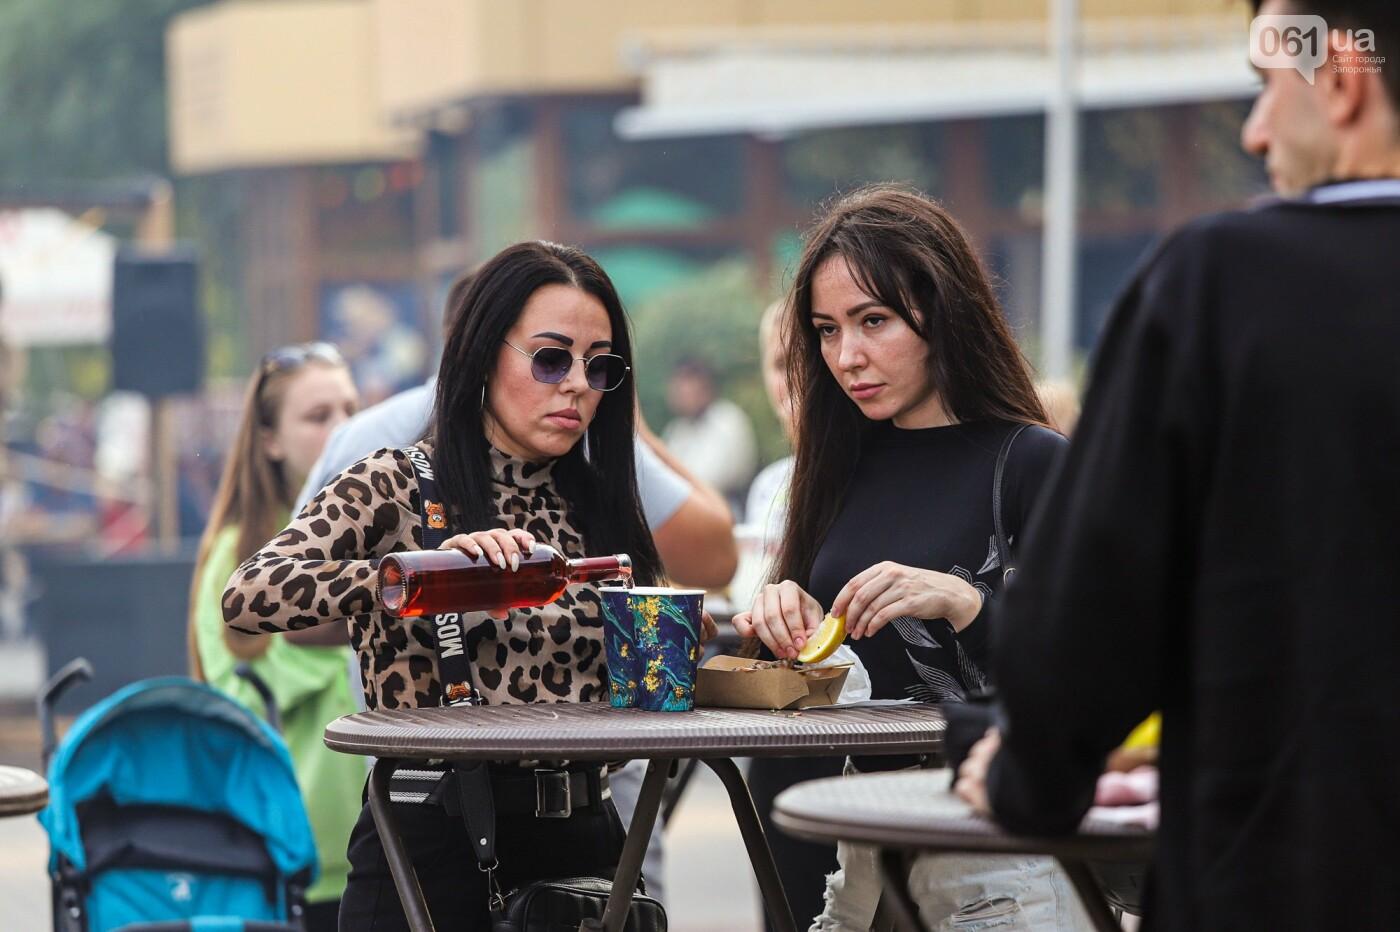 Бограч в хлебных горшочках и мясо из уникальной печи: что нового на фестивале уличной еды в Запорожье, - ФОТОРЕПОРТАЖ, фото-54